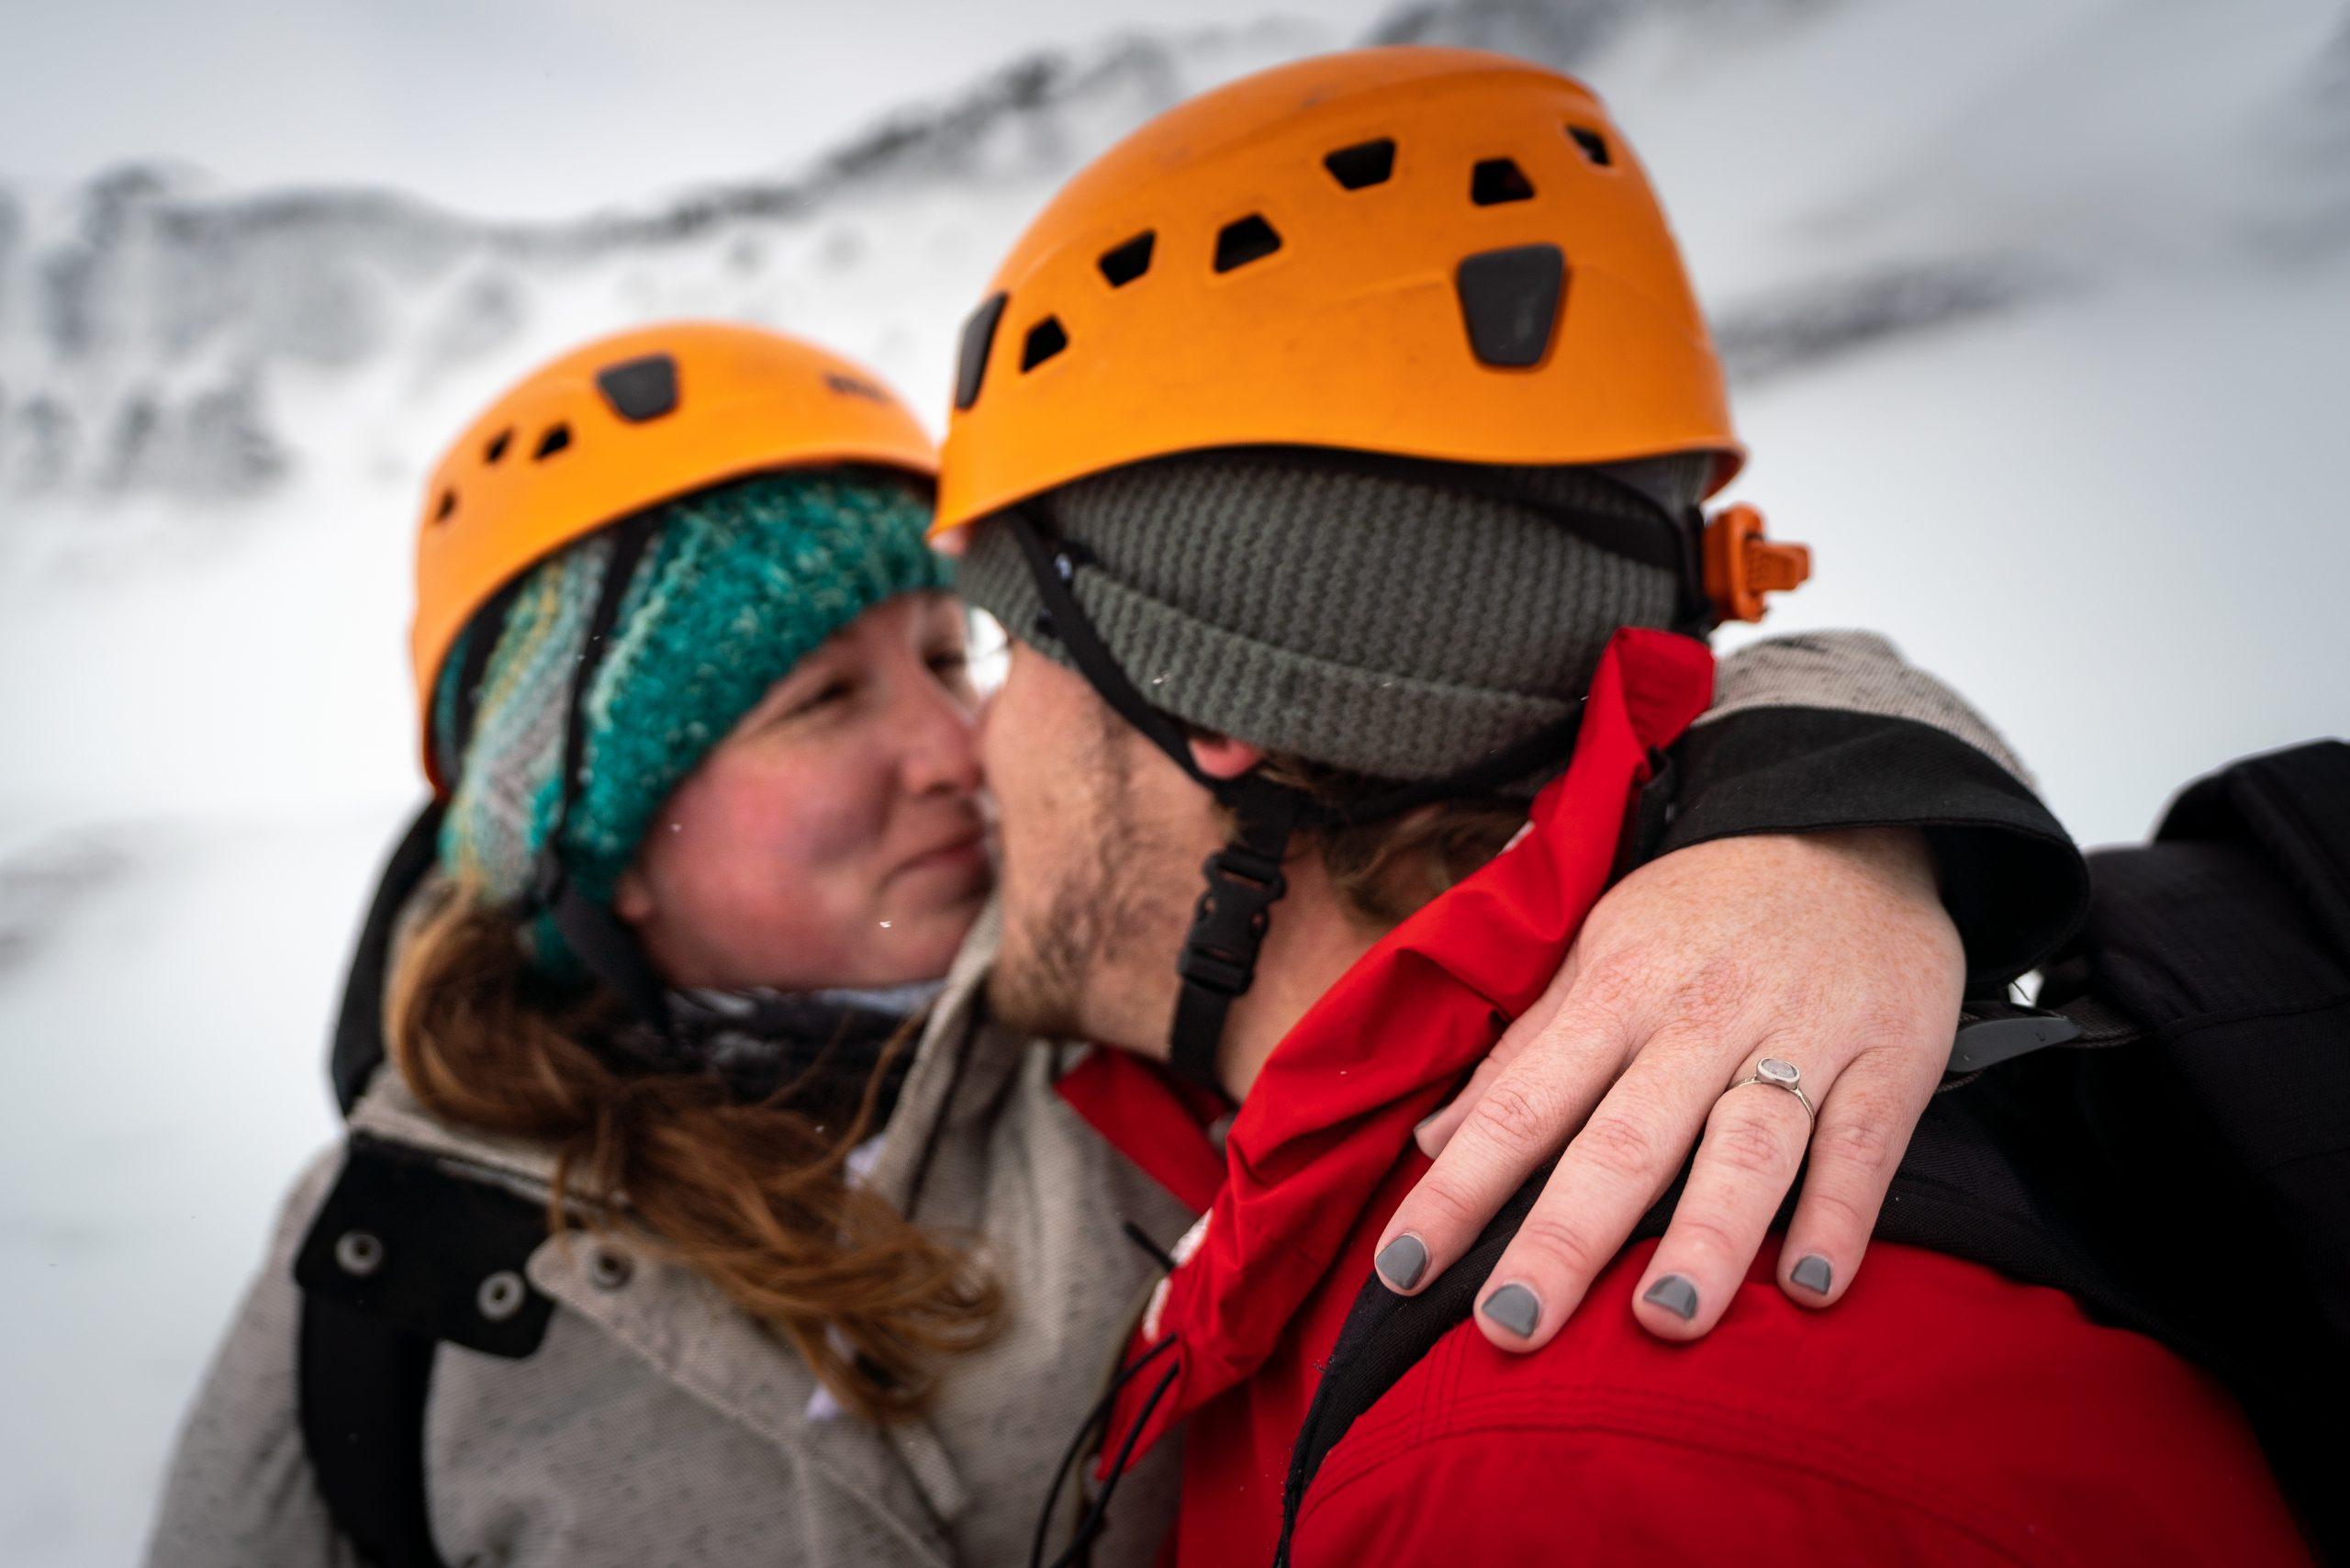 YFFUK Phil Endicott Morgan Myrdalsjokull Iceland engagement story 2